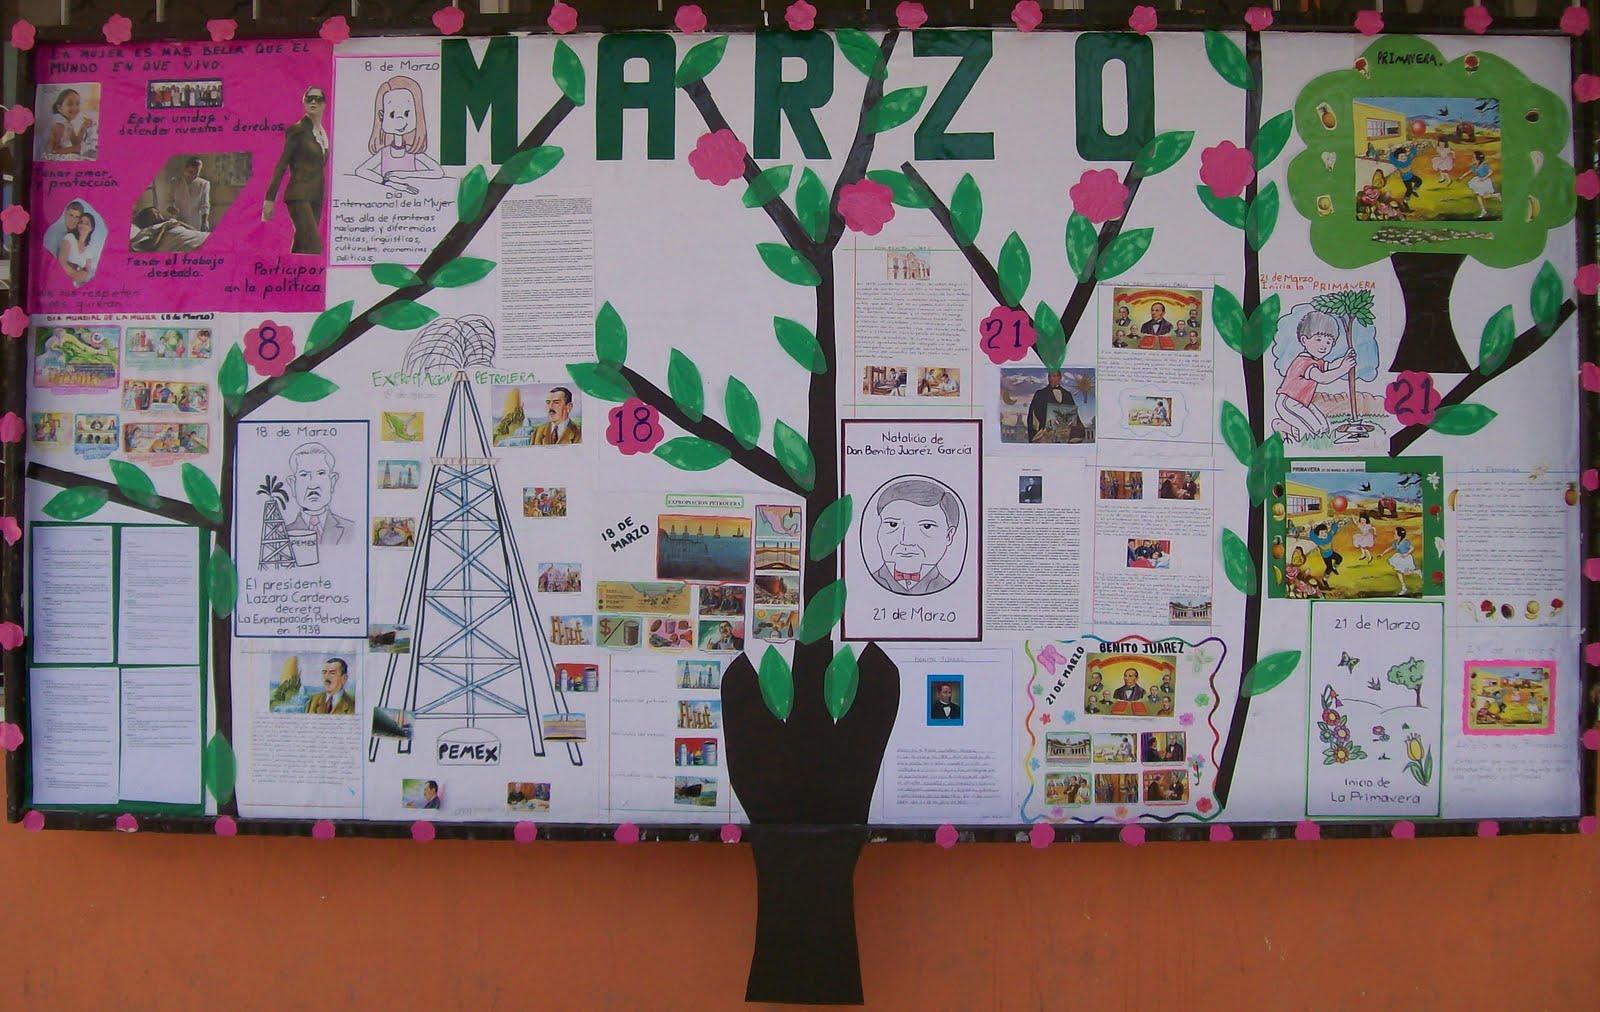 Peri dico mural marzo 8 imagenes educativas for Como elaborar un periodico mural escolar